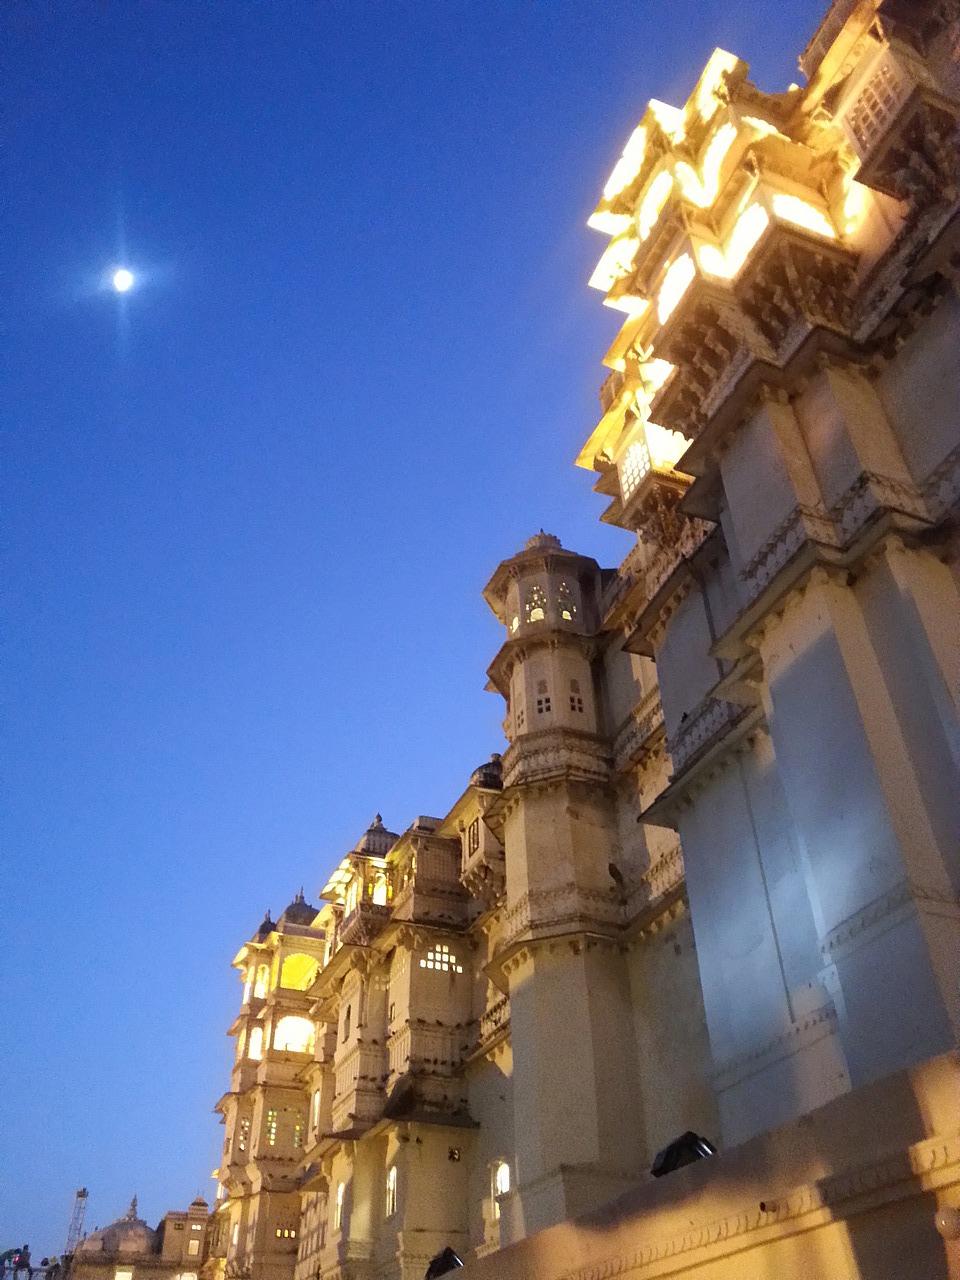 City Palace at night